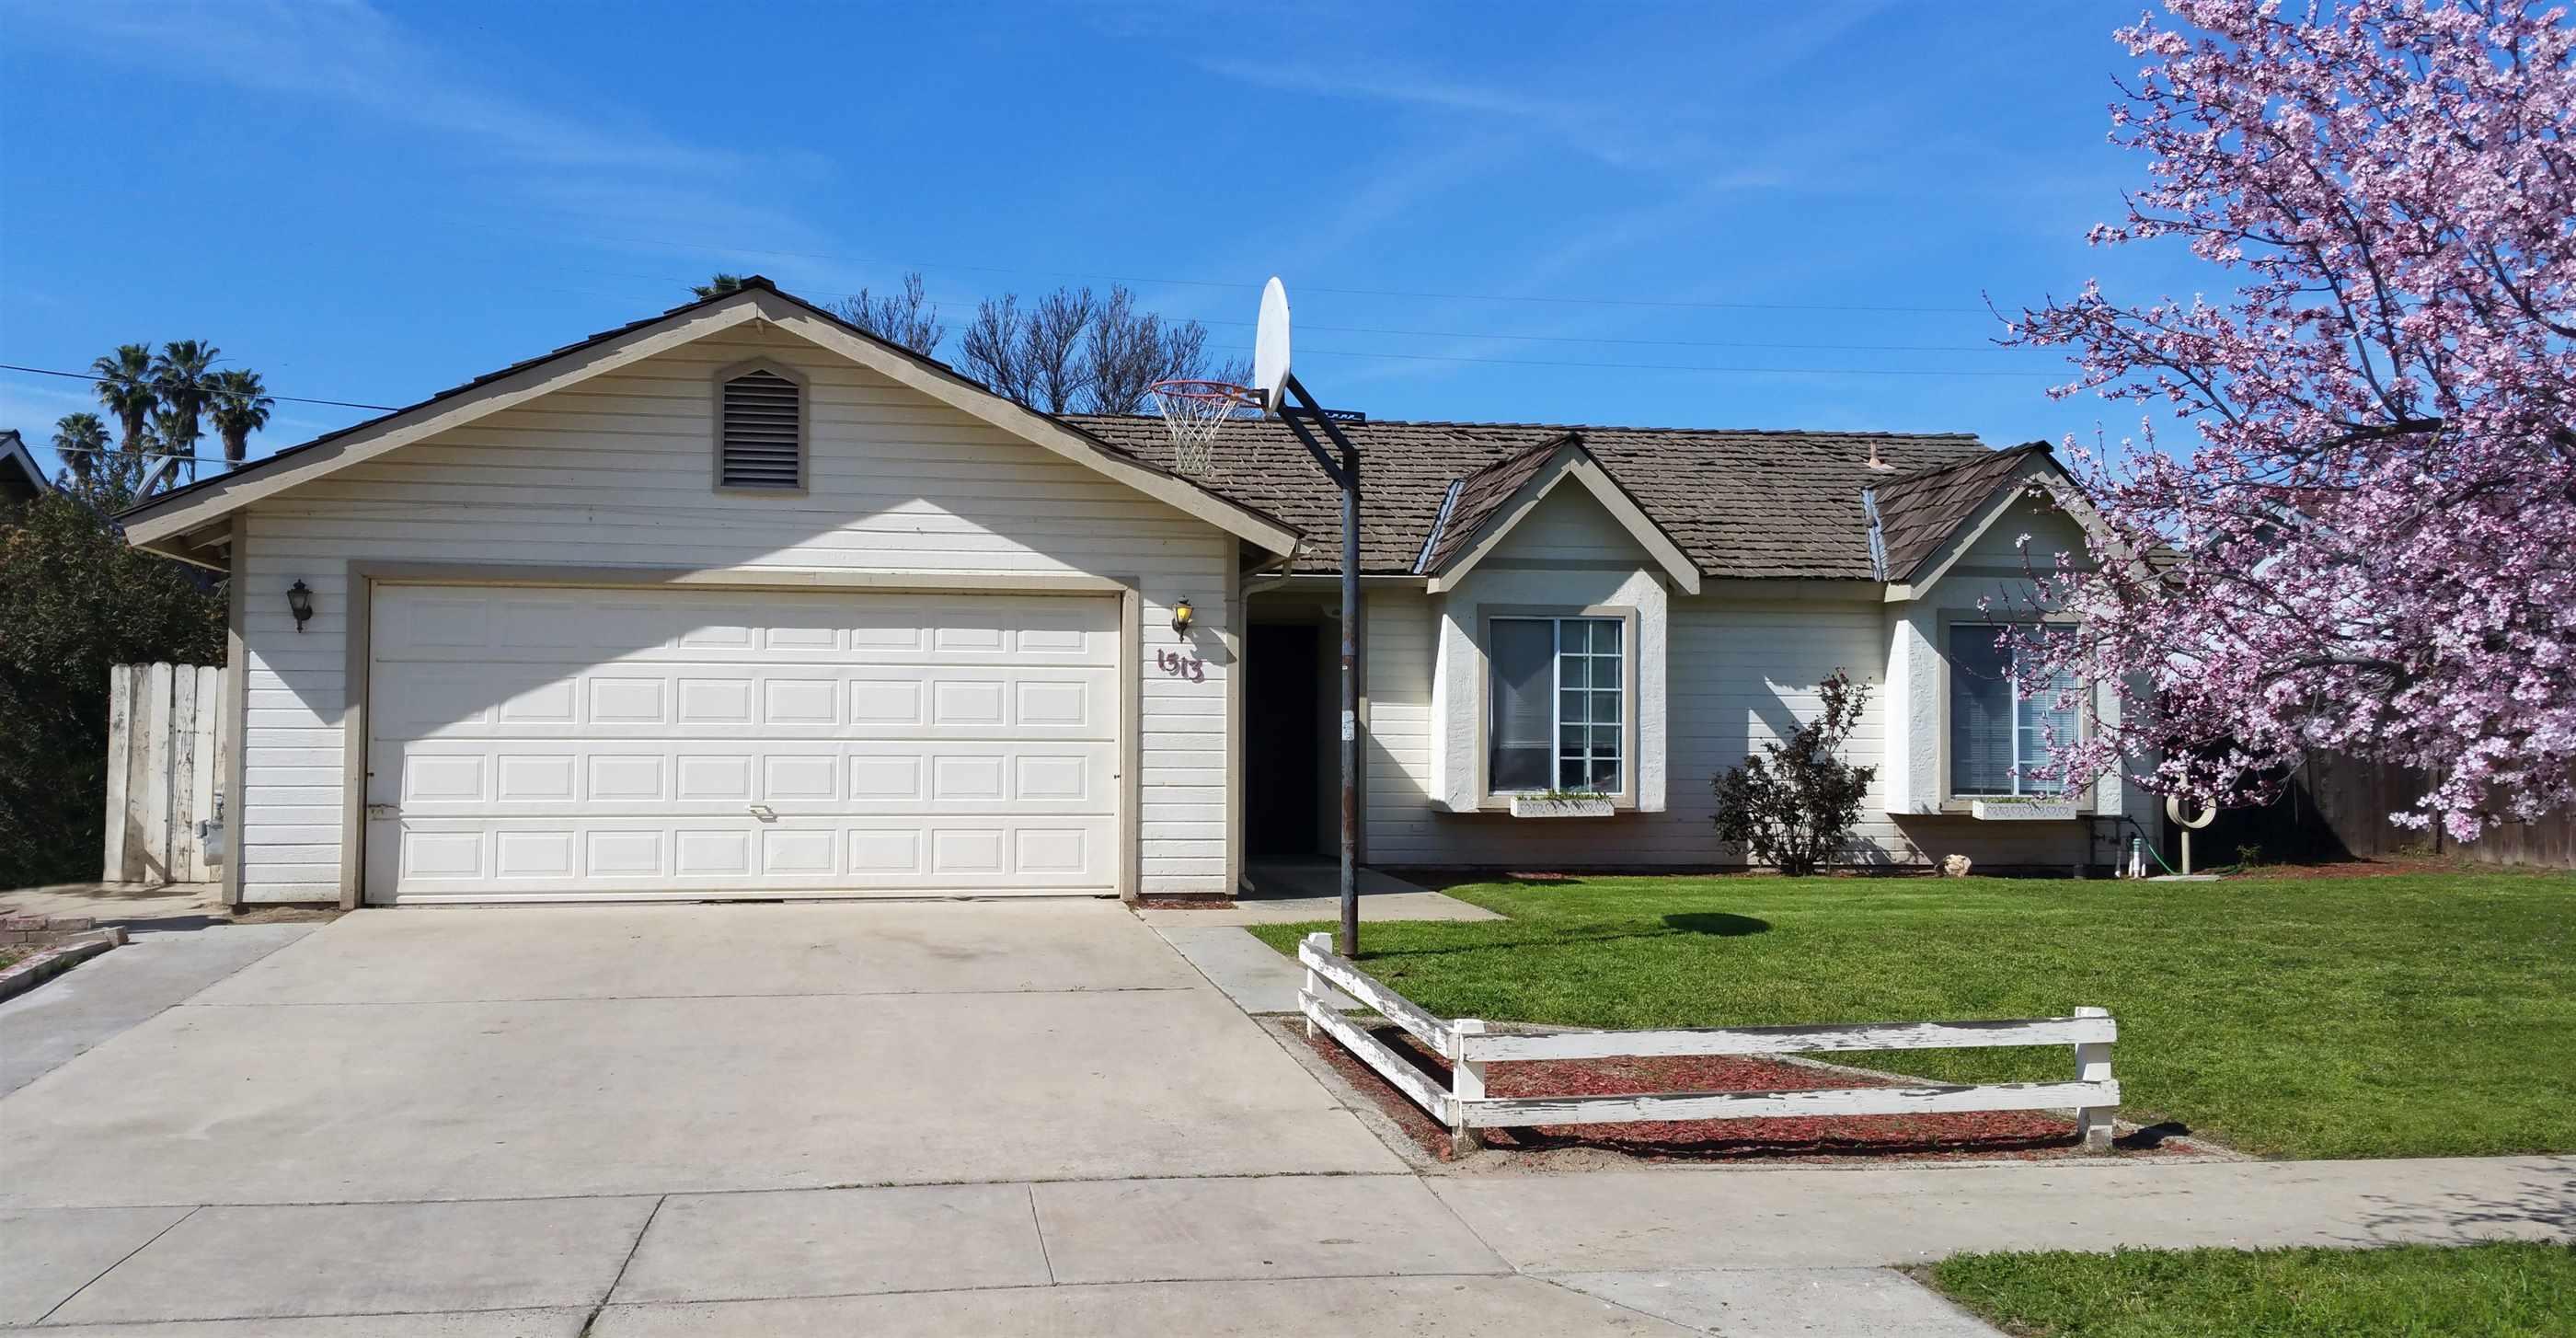 Photo of 1513 Belinda Drive  Lemoore  CA